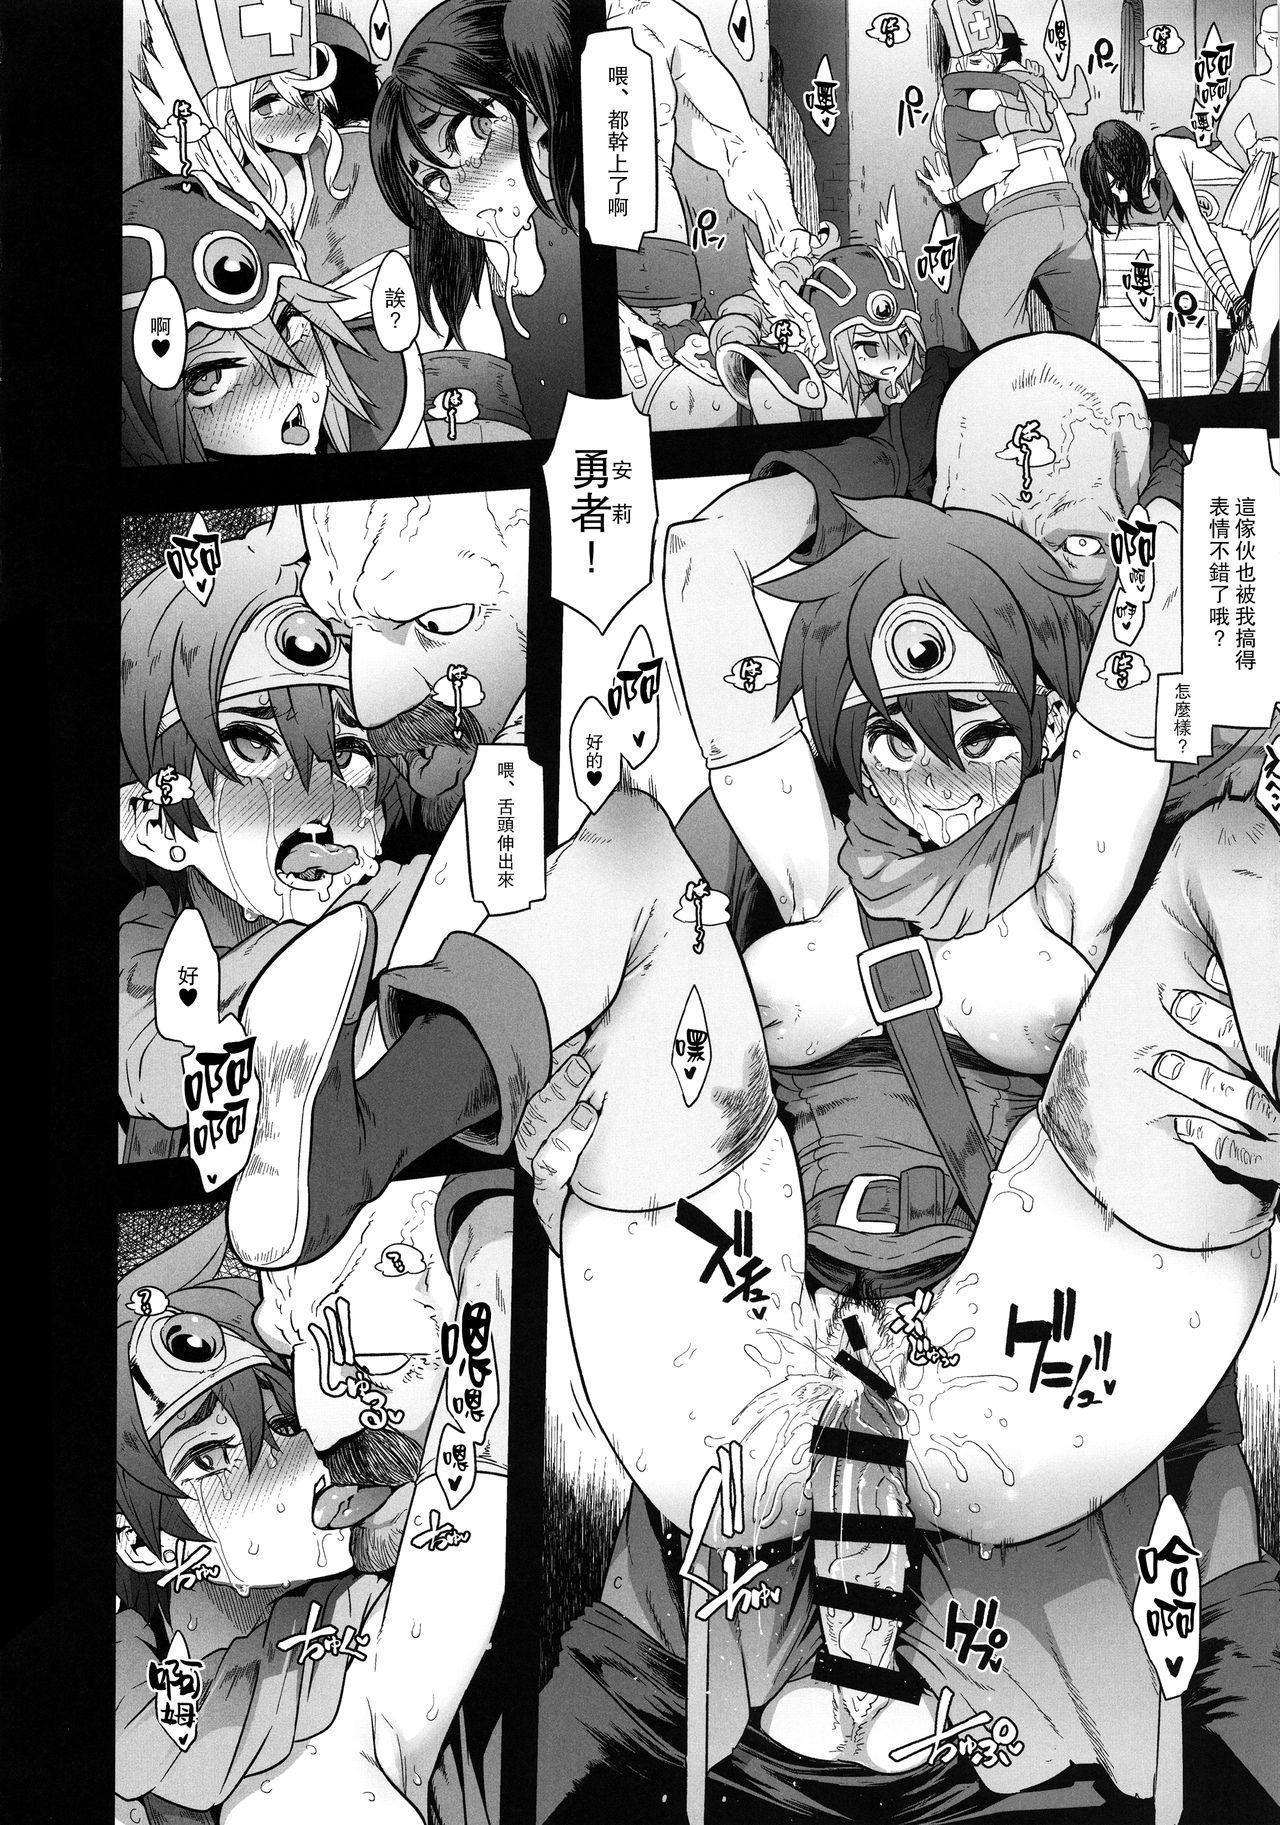 Onna Yuusha no Tabi 4 Yoru no Machi no Onna Boukensha 23